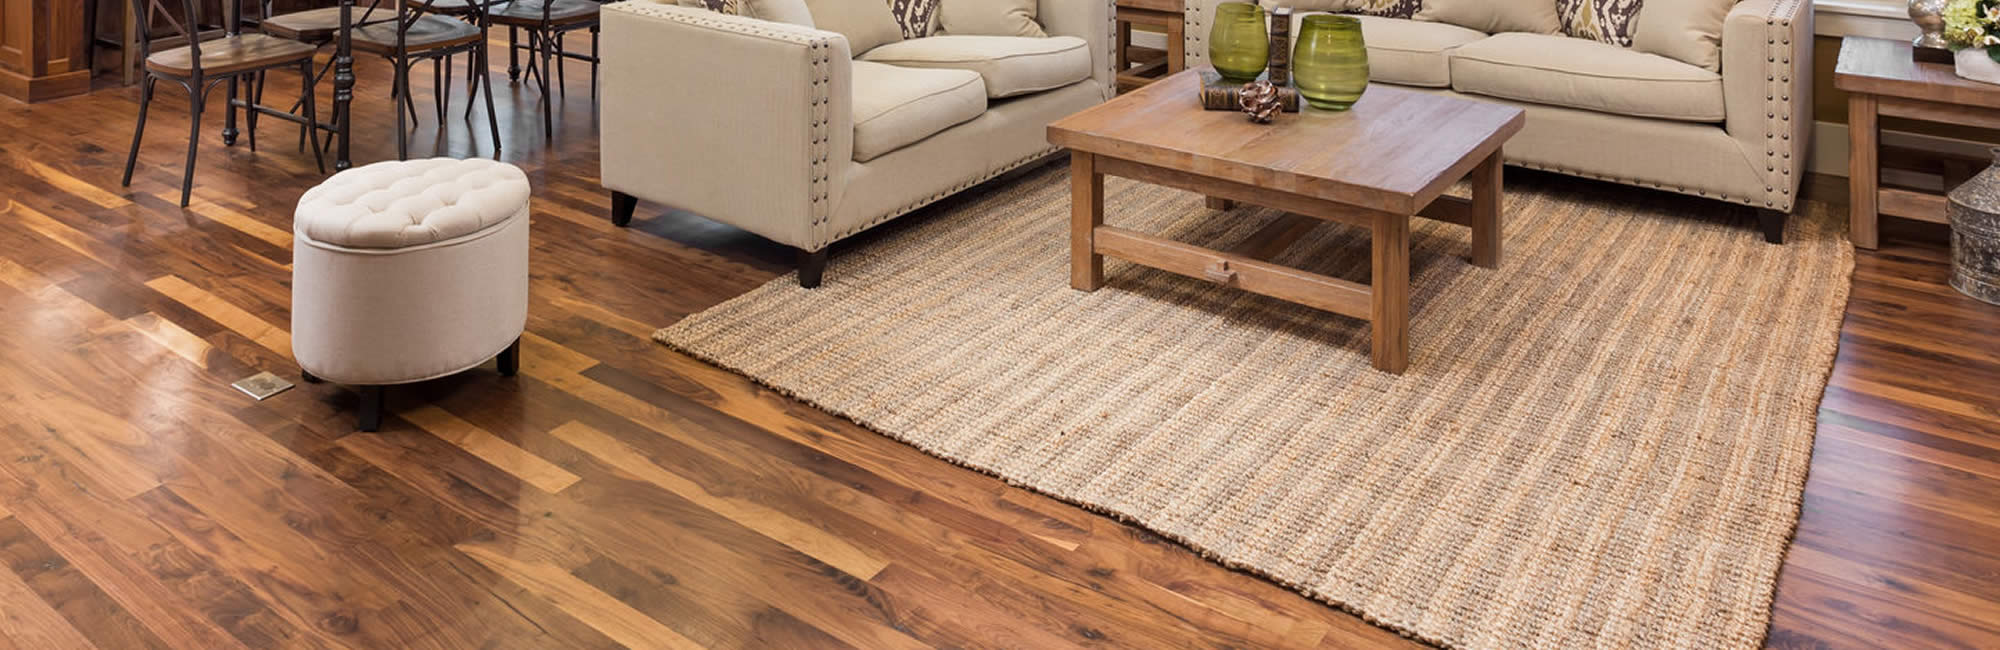 Czar wood floor company kenosha wood floor services for Hardwood flooring service